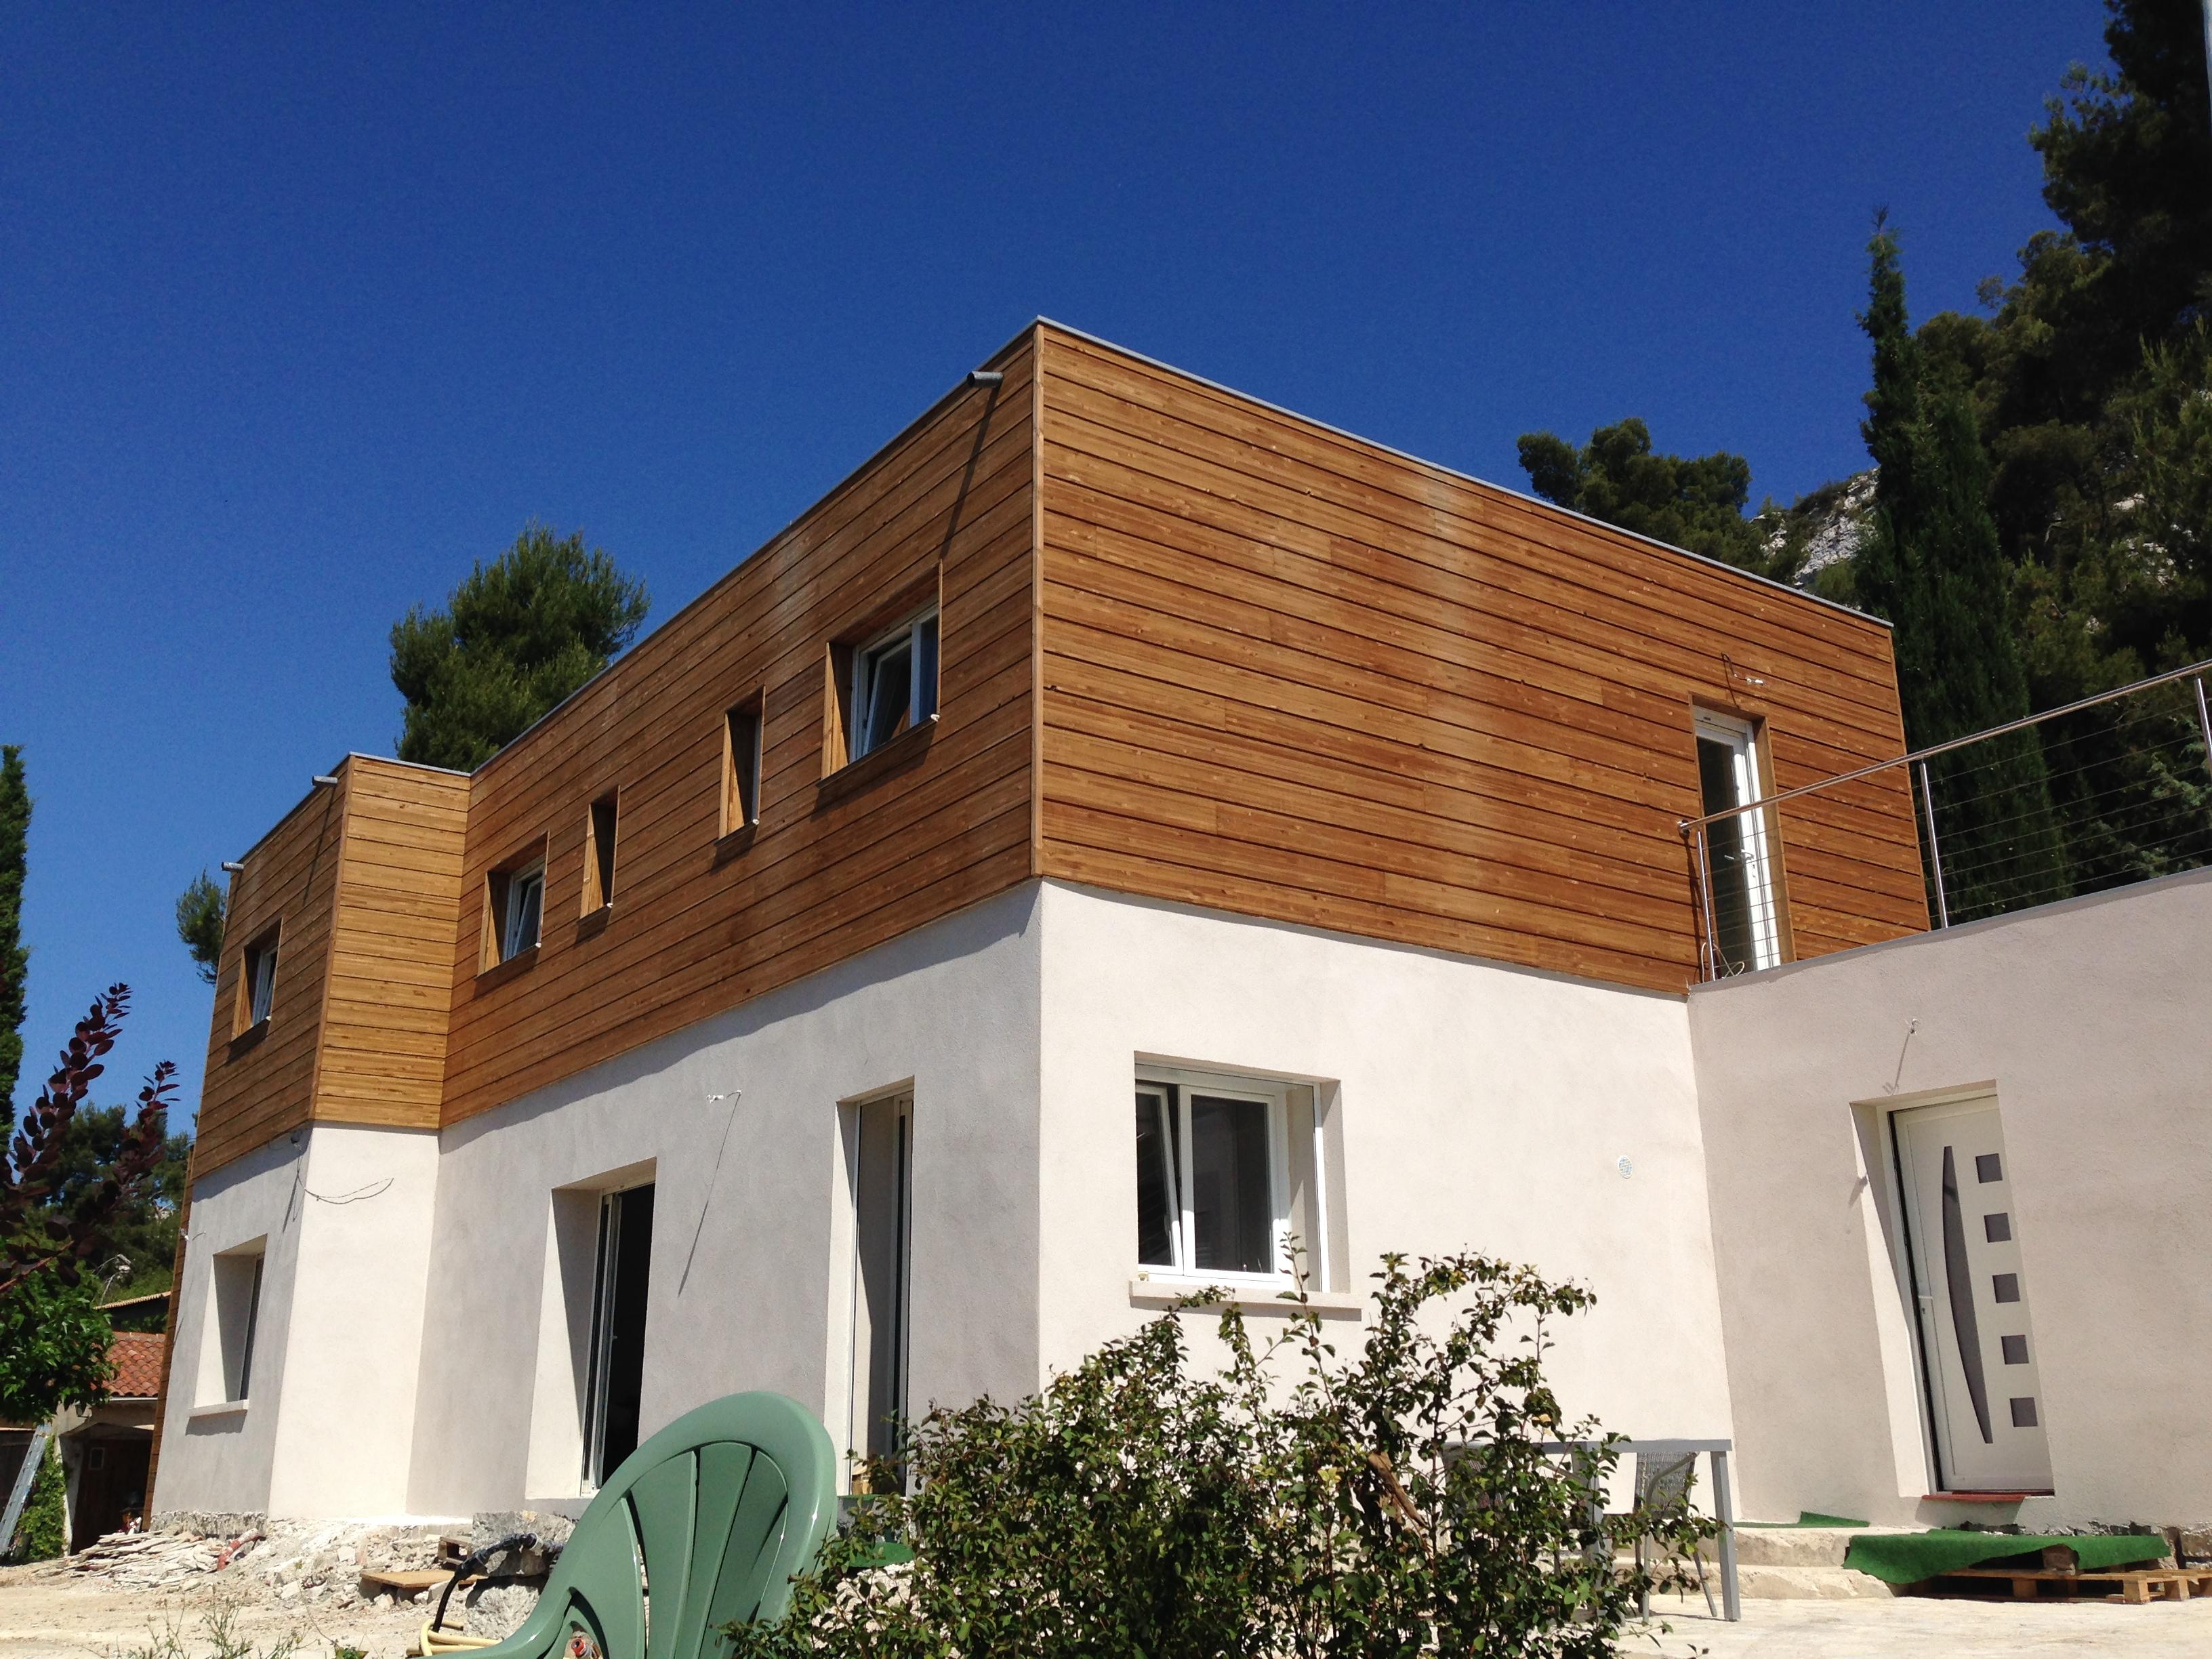 Les avantages d 39 une maison bois actualit s marseille 13 for Avantages maison bois